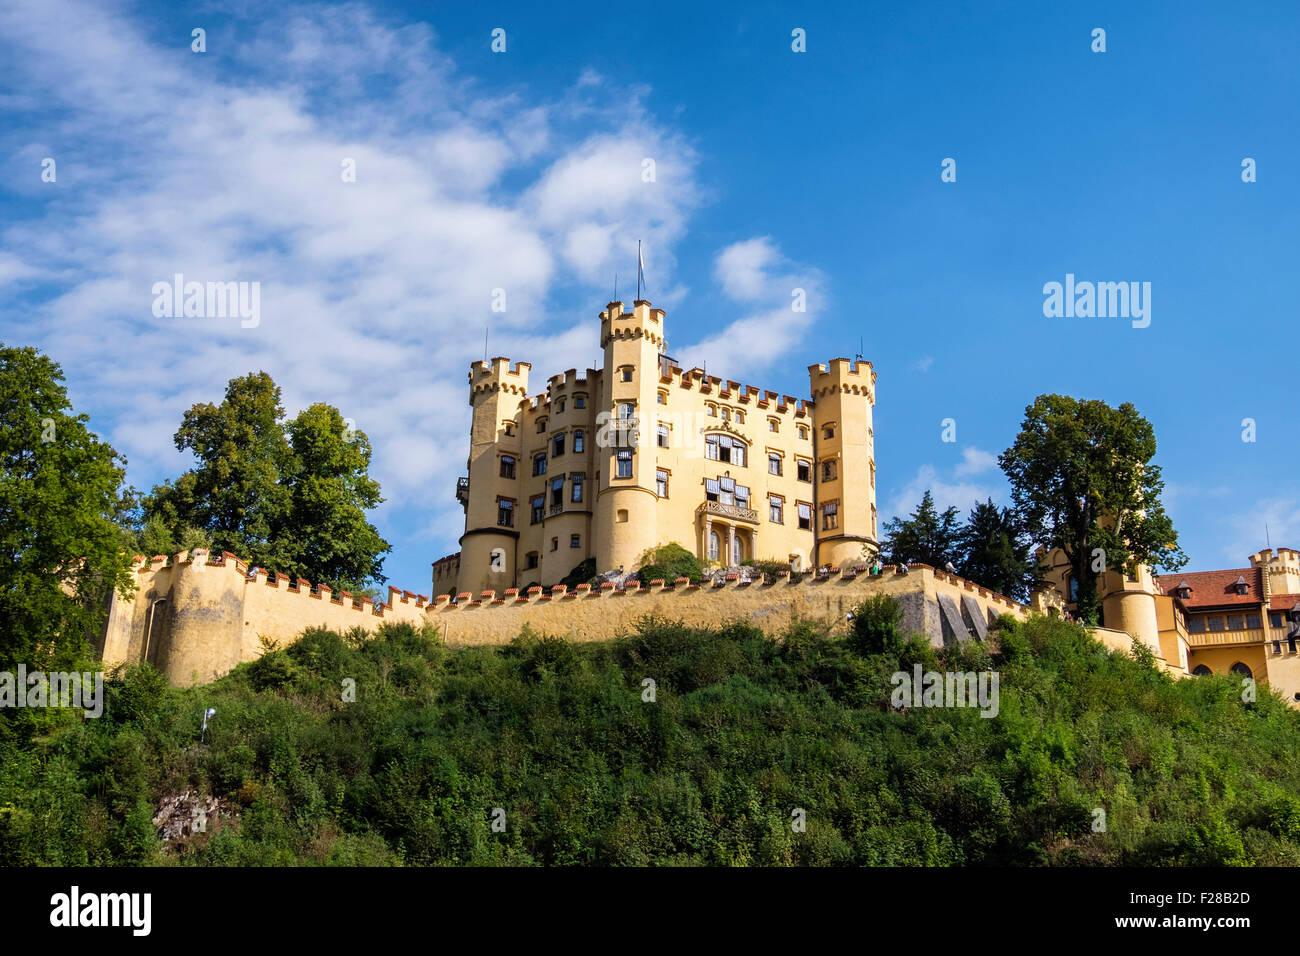 Schloss Hohenschwangau, Schloss ist ein Palast des 19